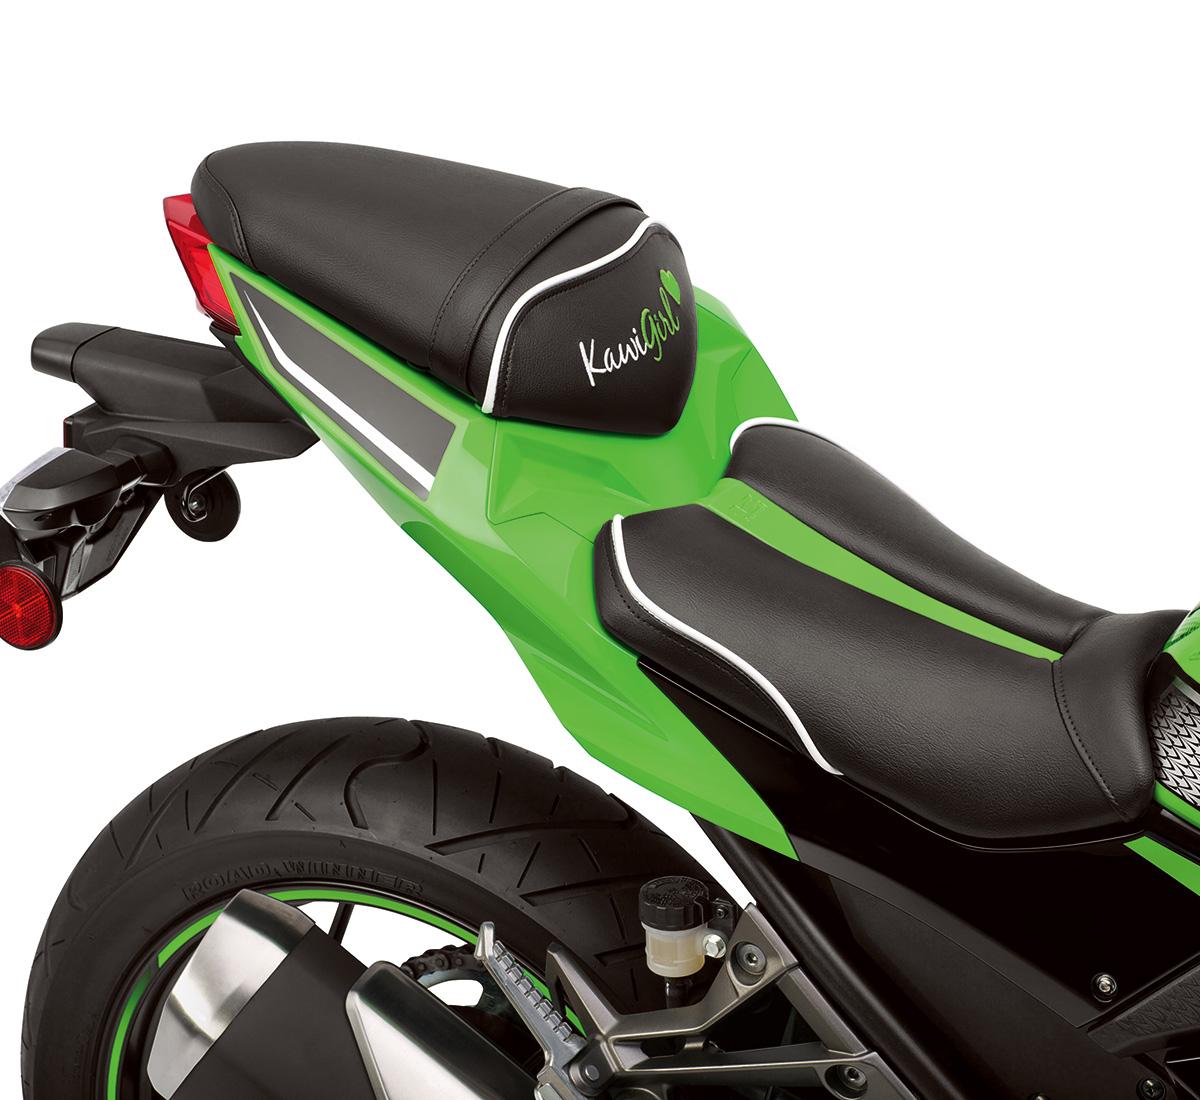 Hayabusa Motorcycle Engine Jet Ski: New Featured Motorcycle Atv Jet Ski Mule Kawasaki